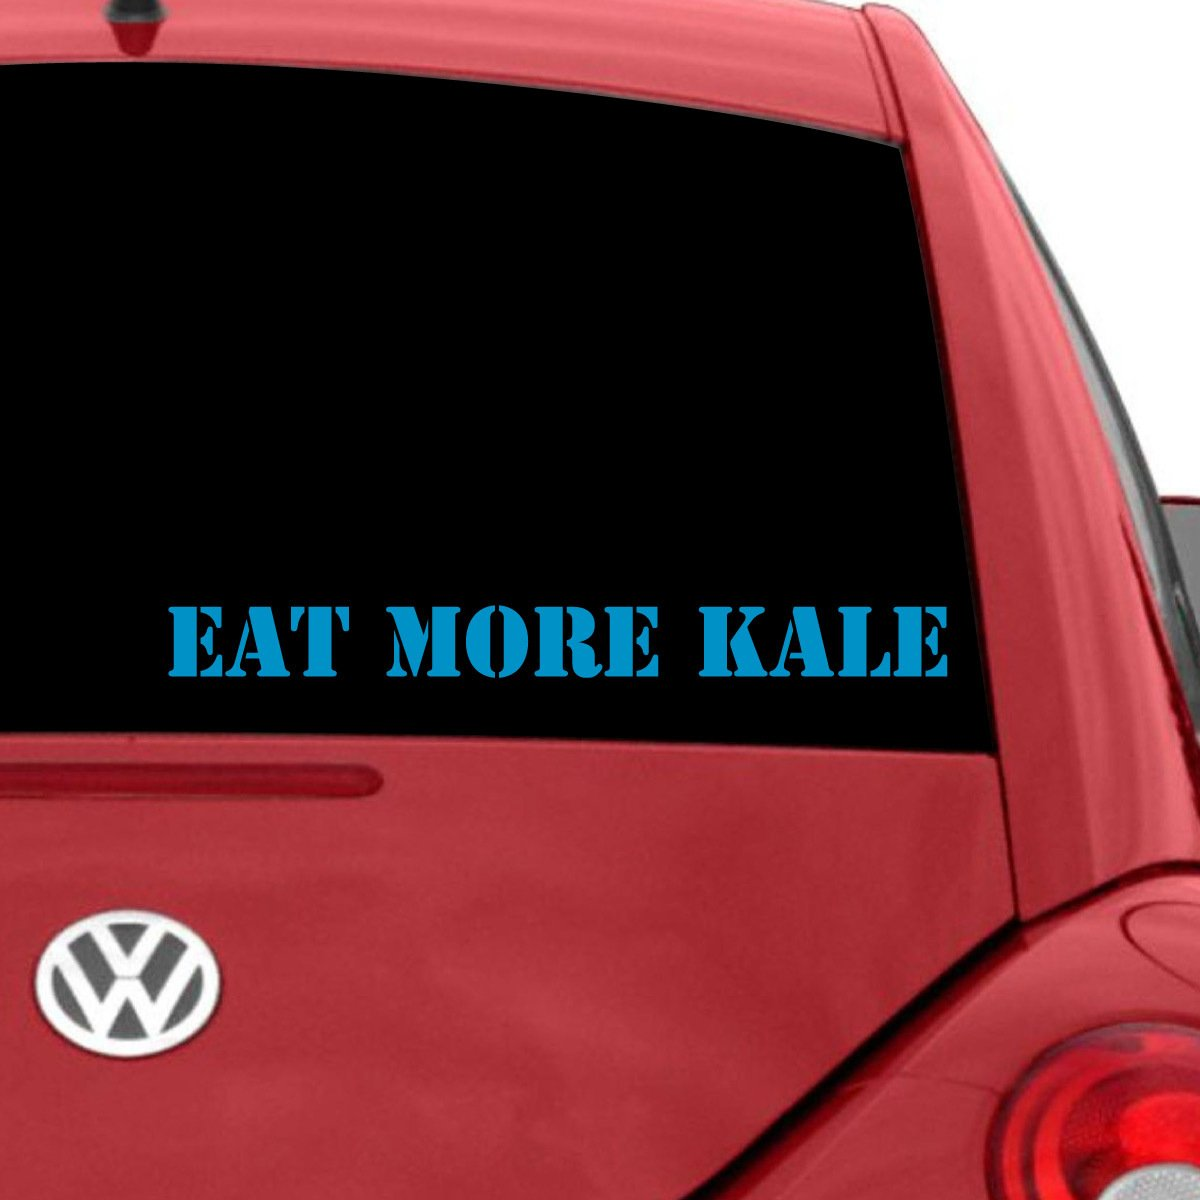 品質満点 Eat More Kale車デカール W B07235MTLG、Die グレー Cut Vinyl Decal for Windows車、トラック、ツールボックス、ノートパソコン、ほぼすべてmacbook-ハード、滑らかな表面 3